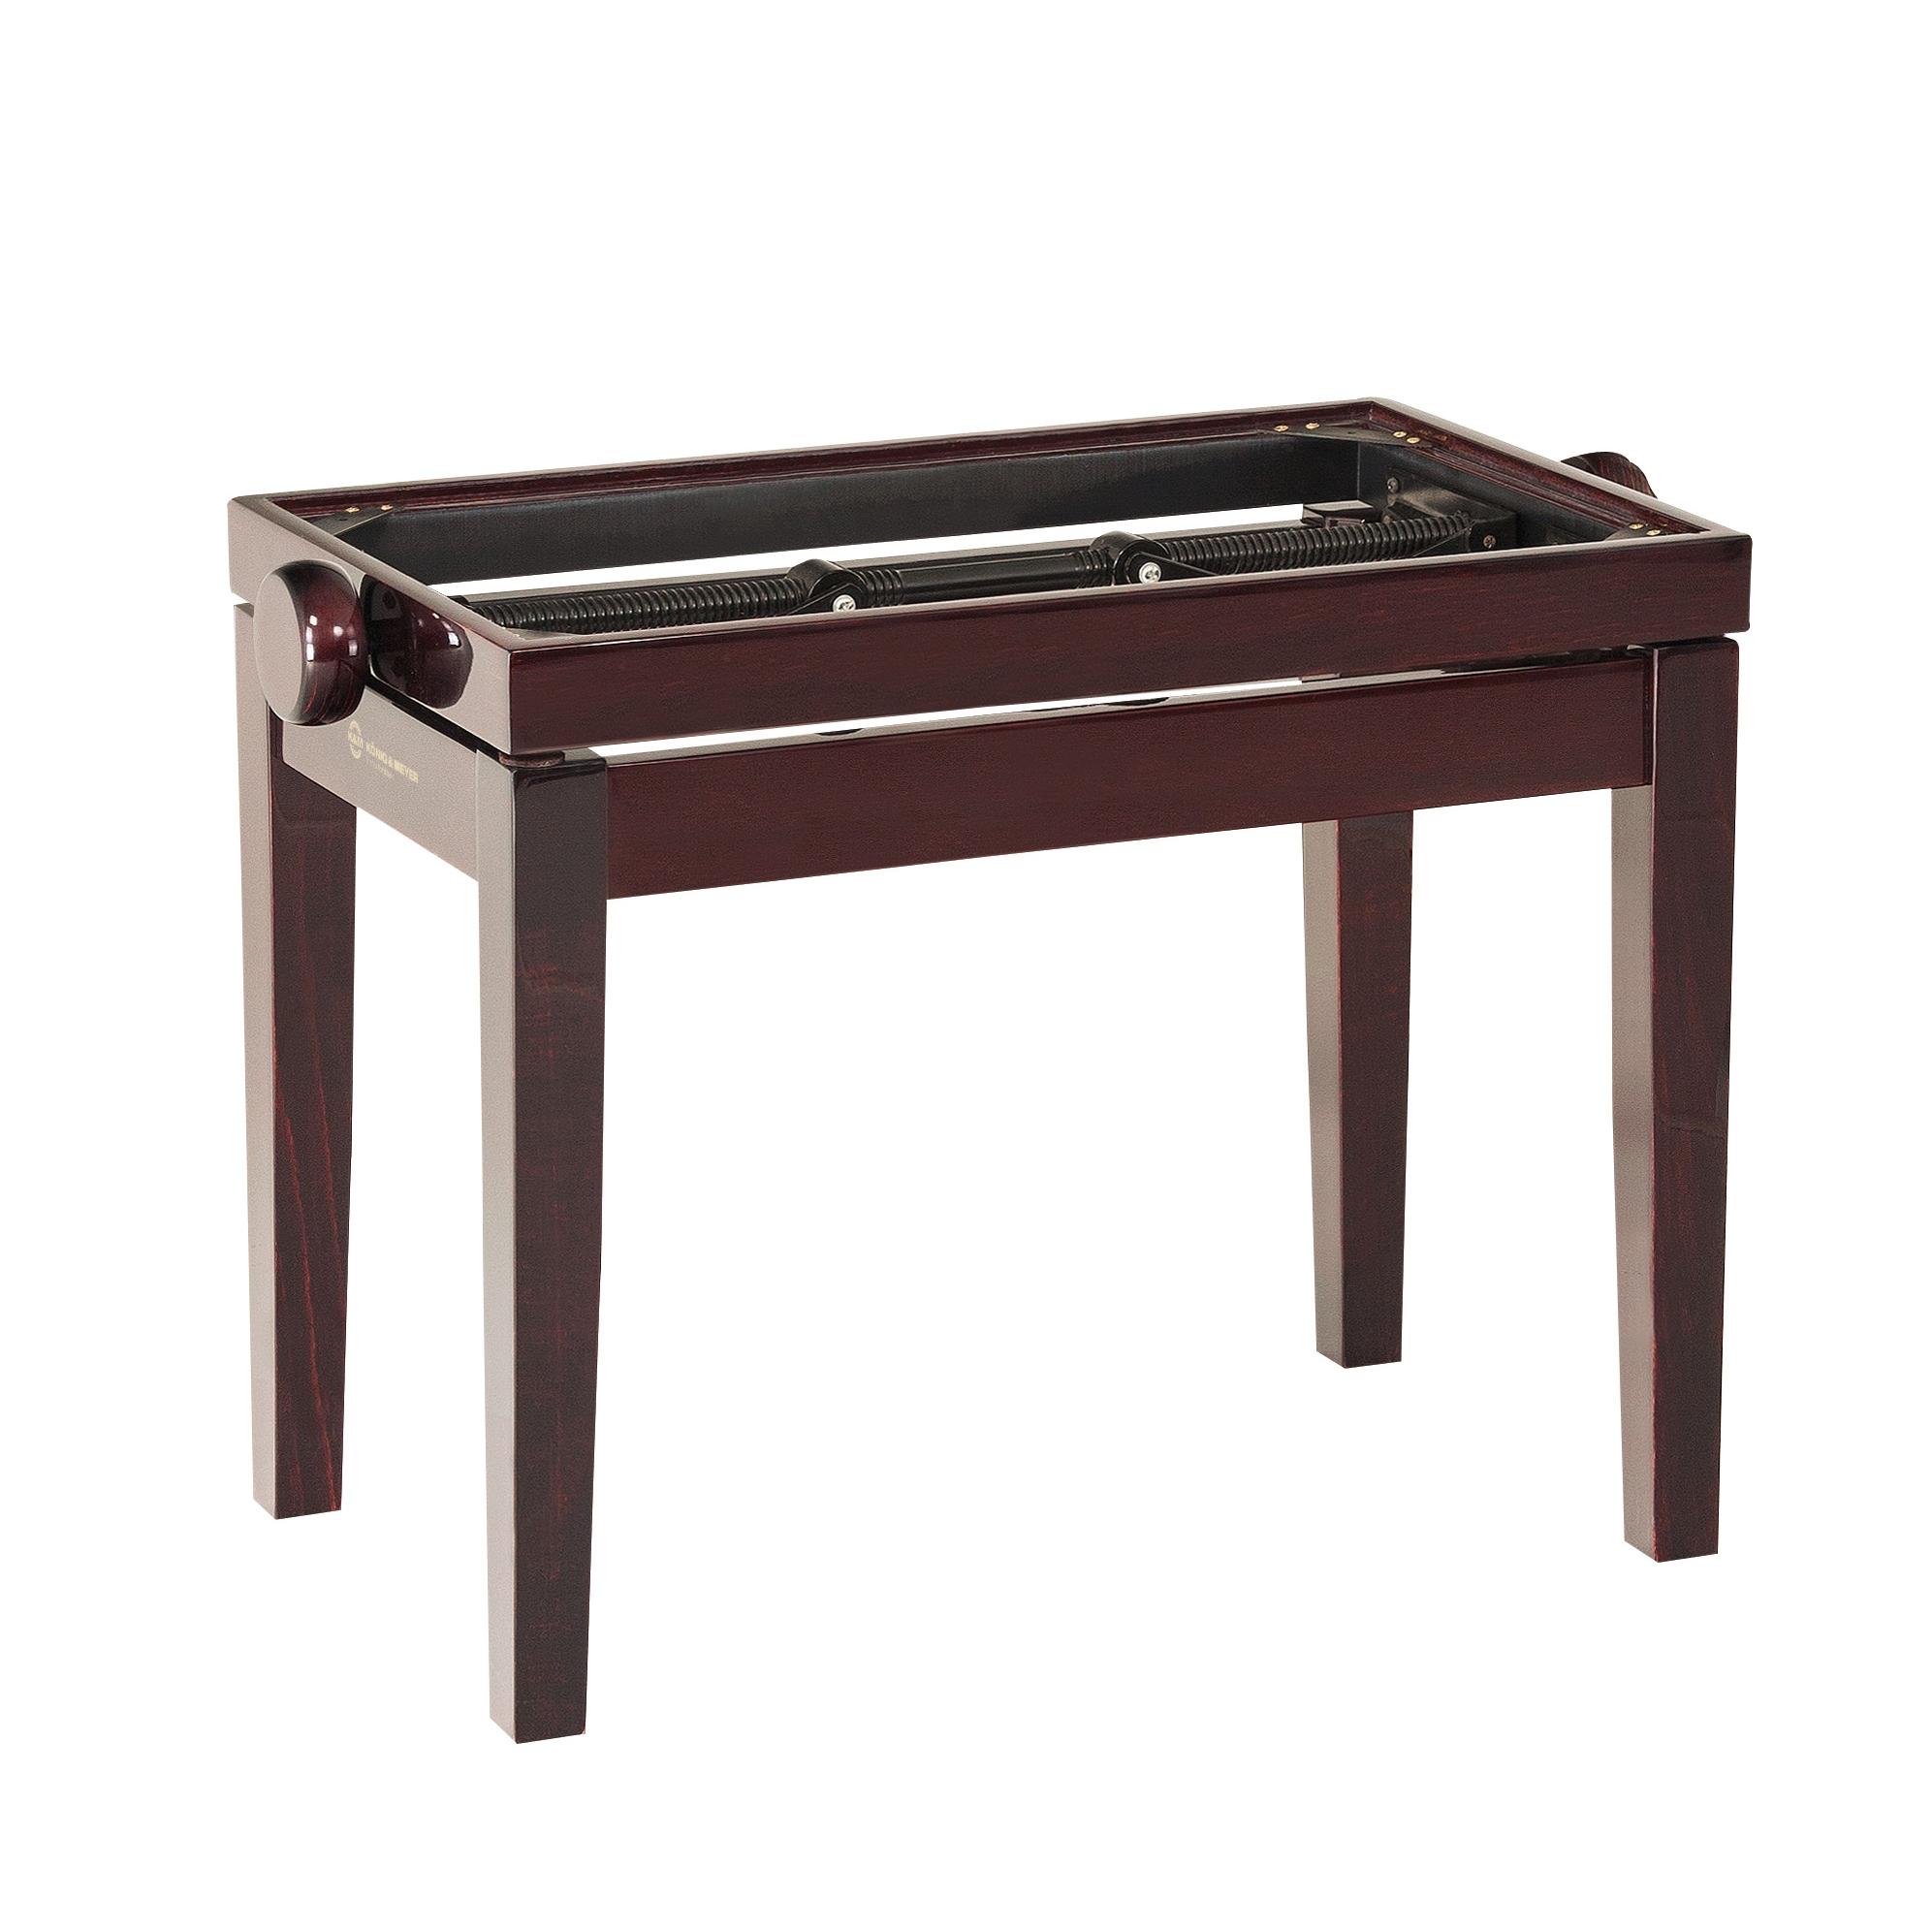 K&M Klavierbank Unterteil Mahagonie hochglanz